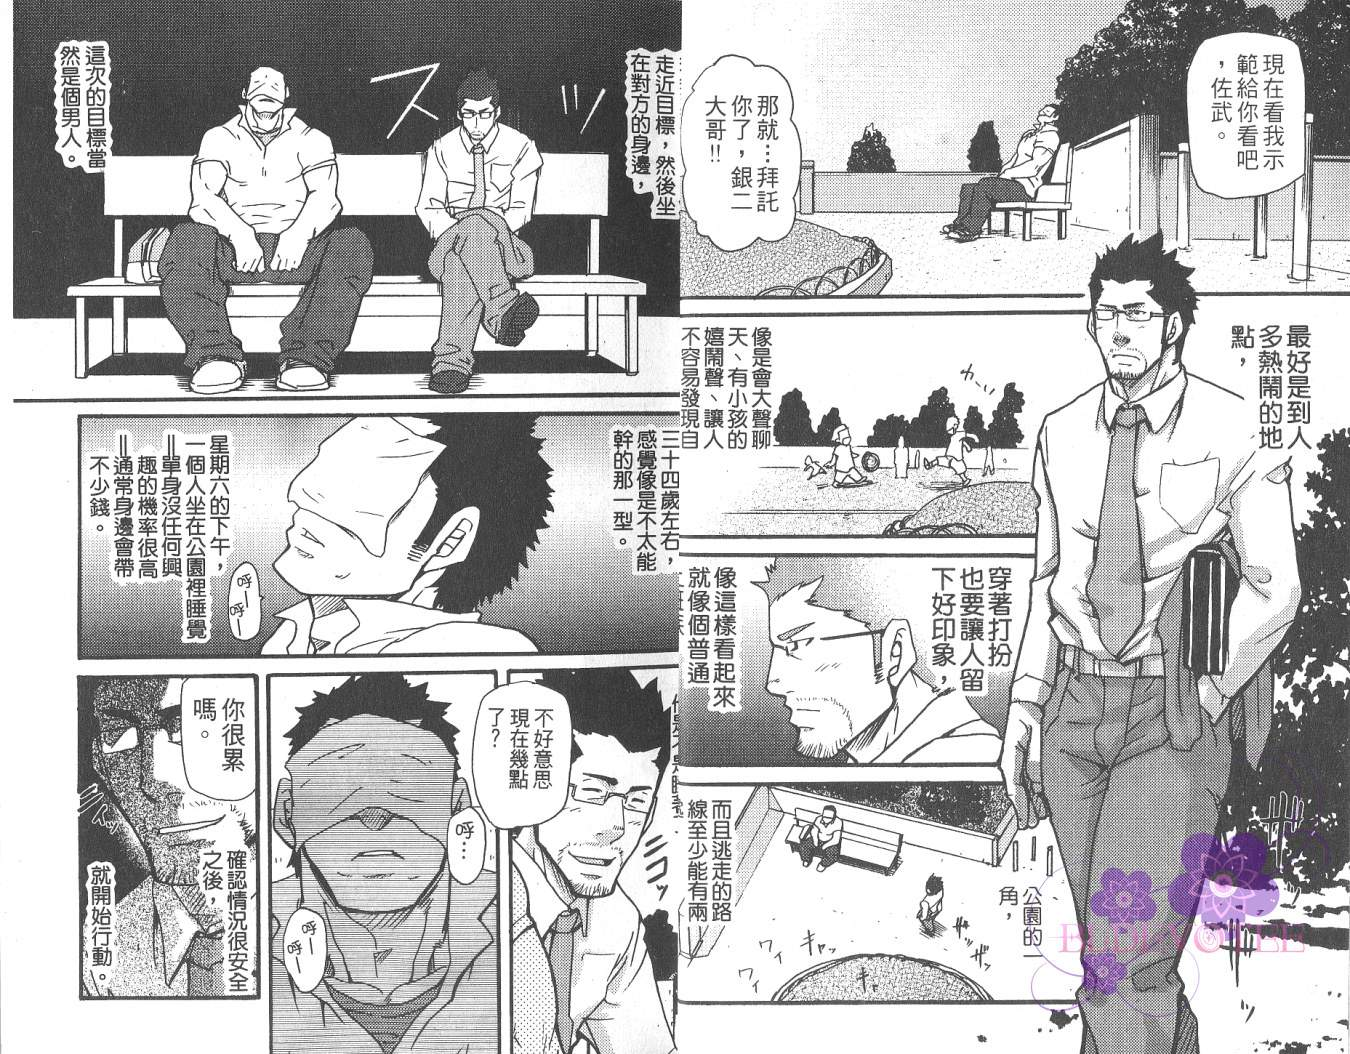 动漫肌肉男松武 7262图片网